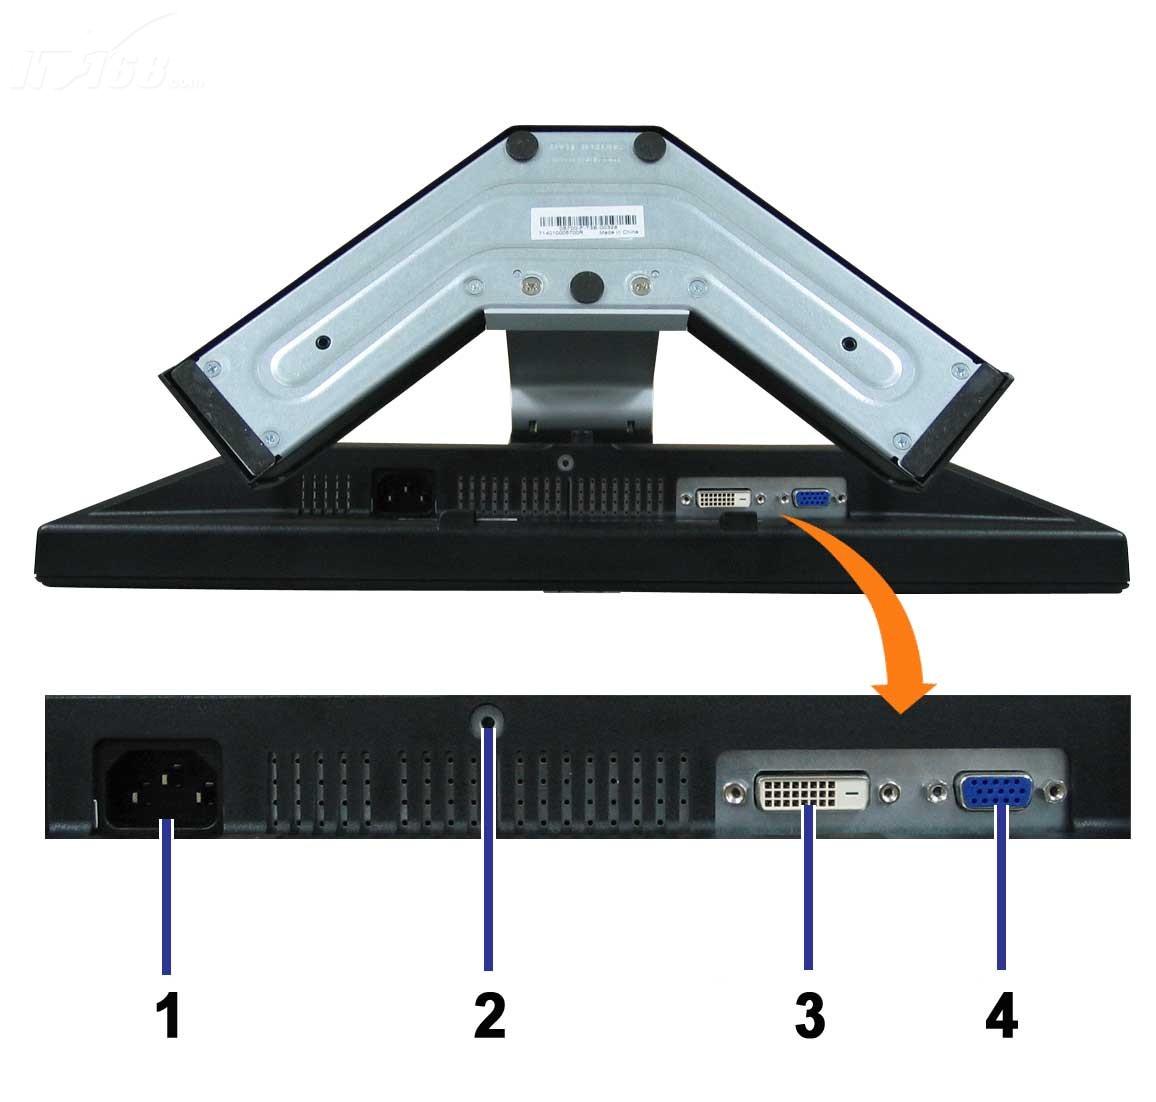 戴尔e198wfp液晶显示器产品图片4